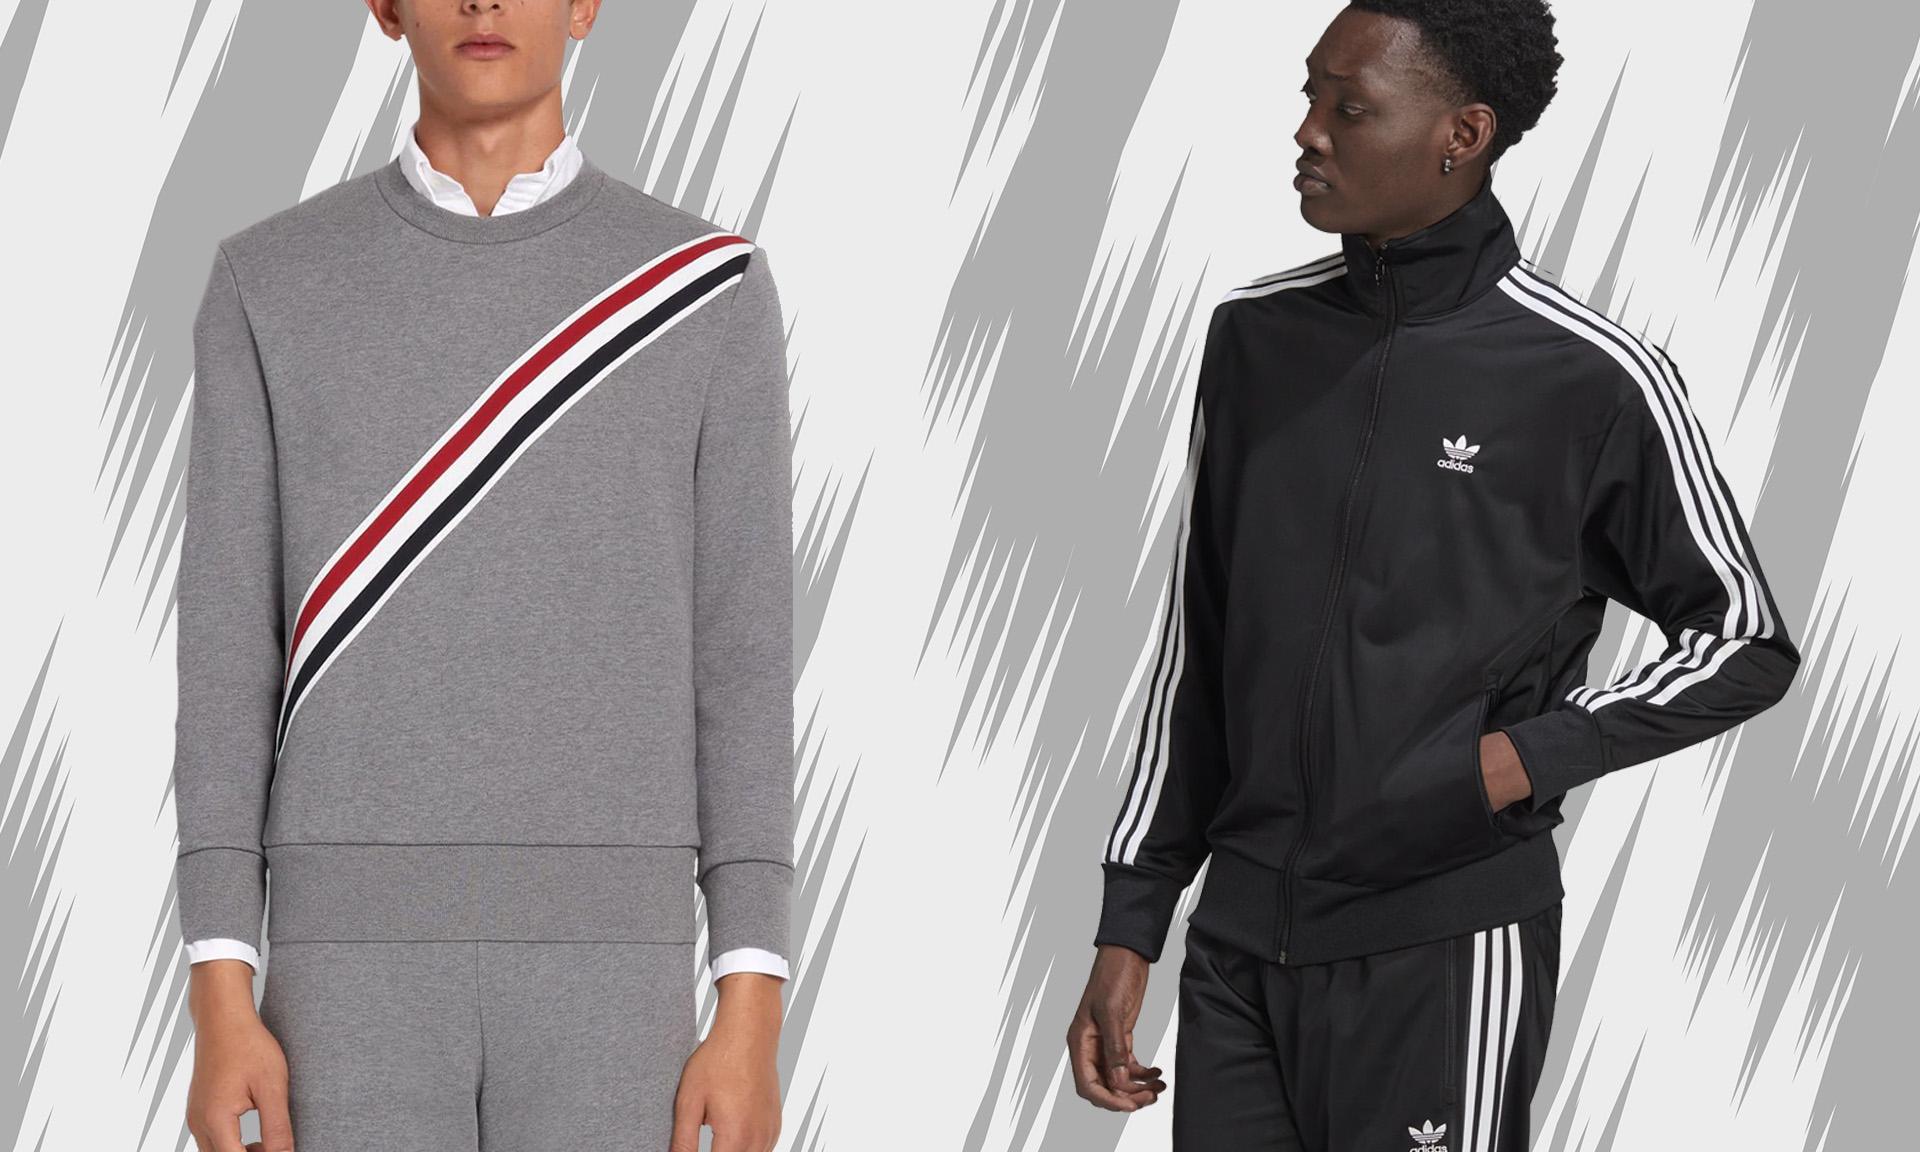 adidas 就三条纹商标起诉 THOM BROWNE